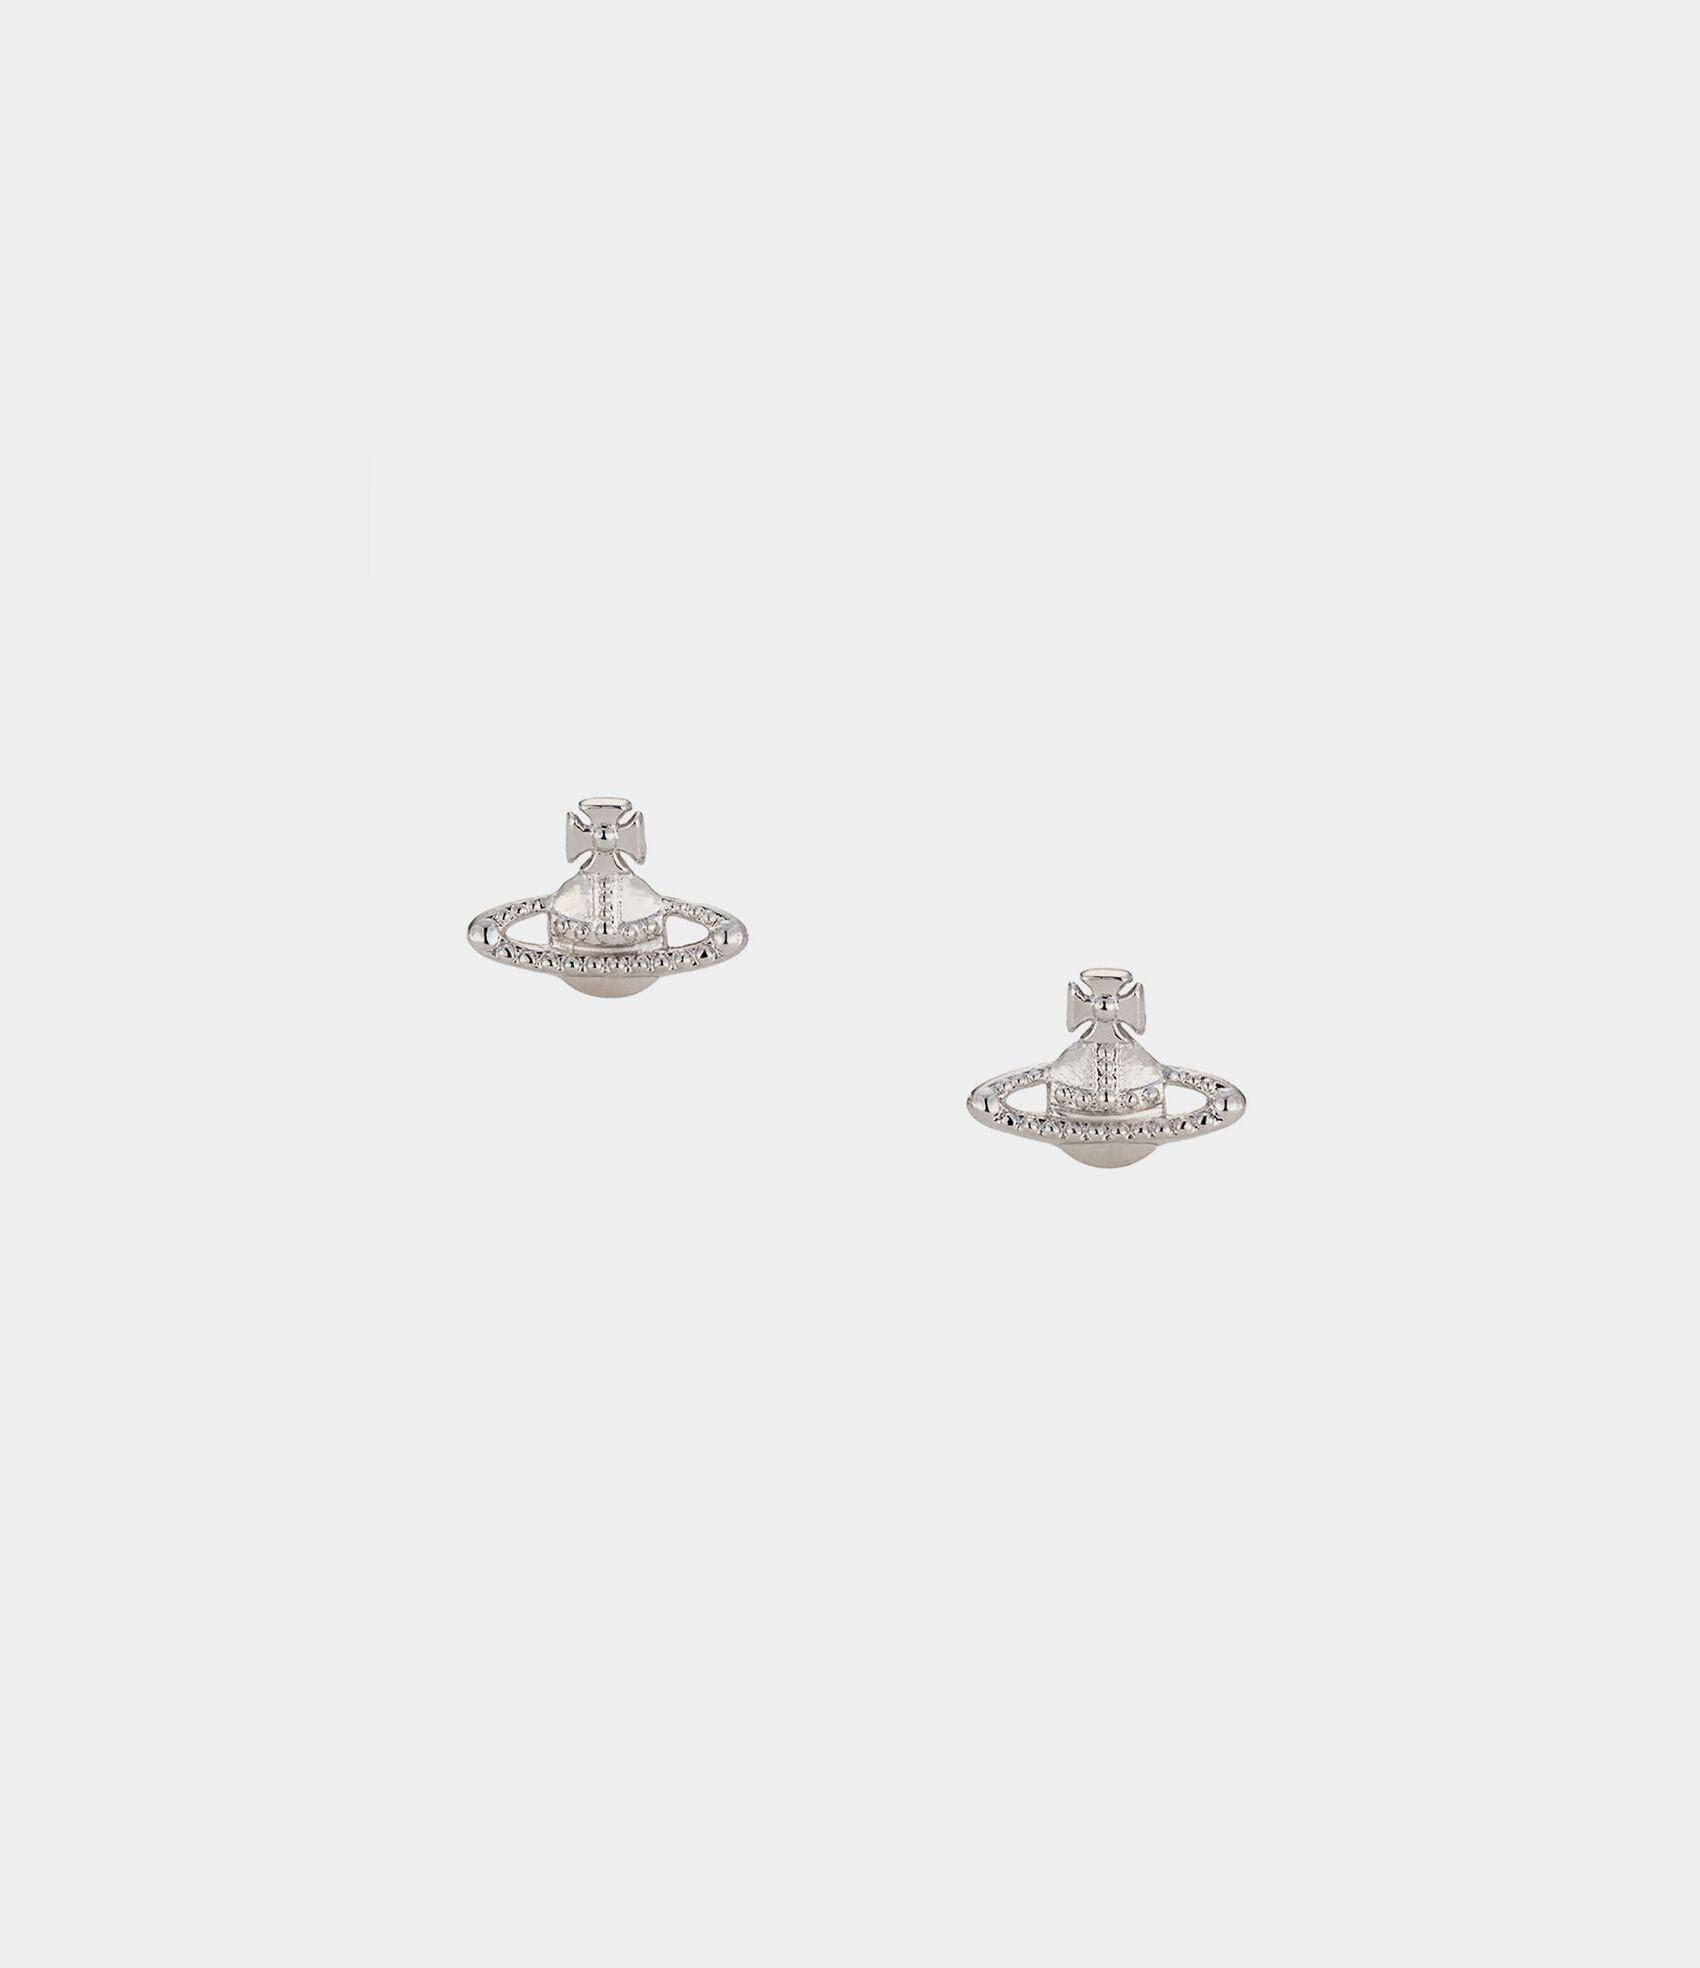 7abdca8c8989b Vivienne Westwood Earrings | Women's Jewellery | Vivienne Westwood - Farah  Earrings